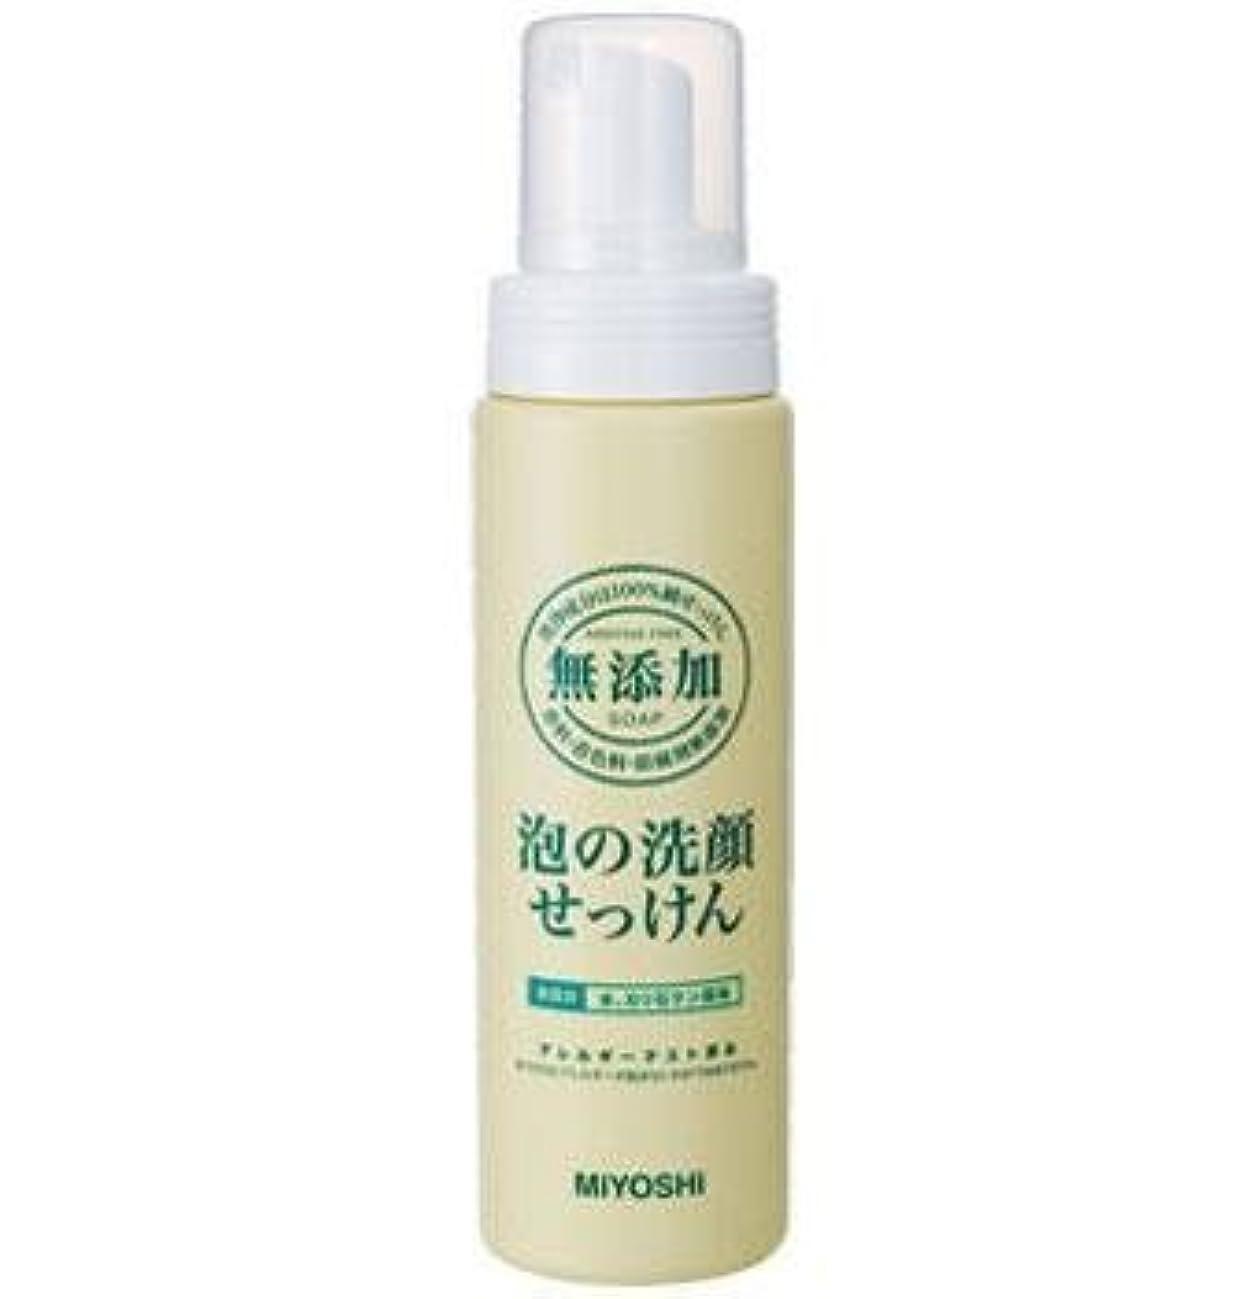 天井フェローシップコジオスコ無添加泡の洗顔せっけんポンプボトル × 10個セット